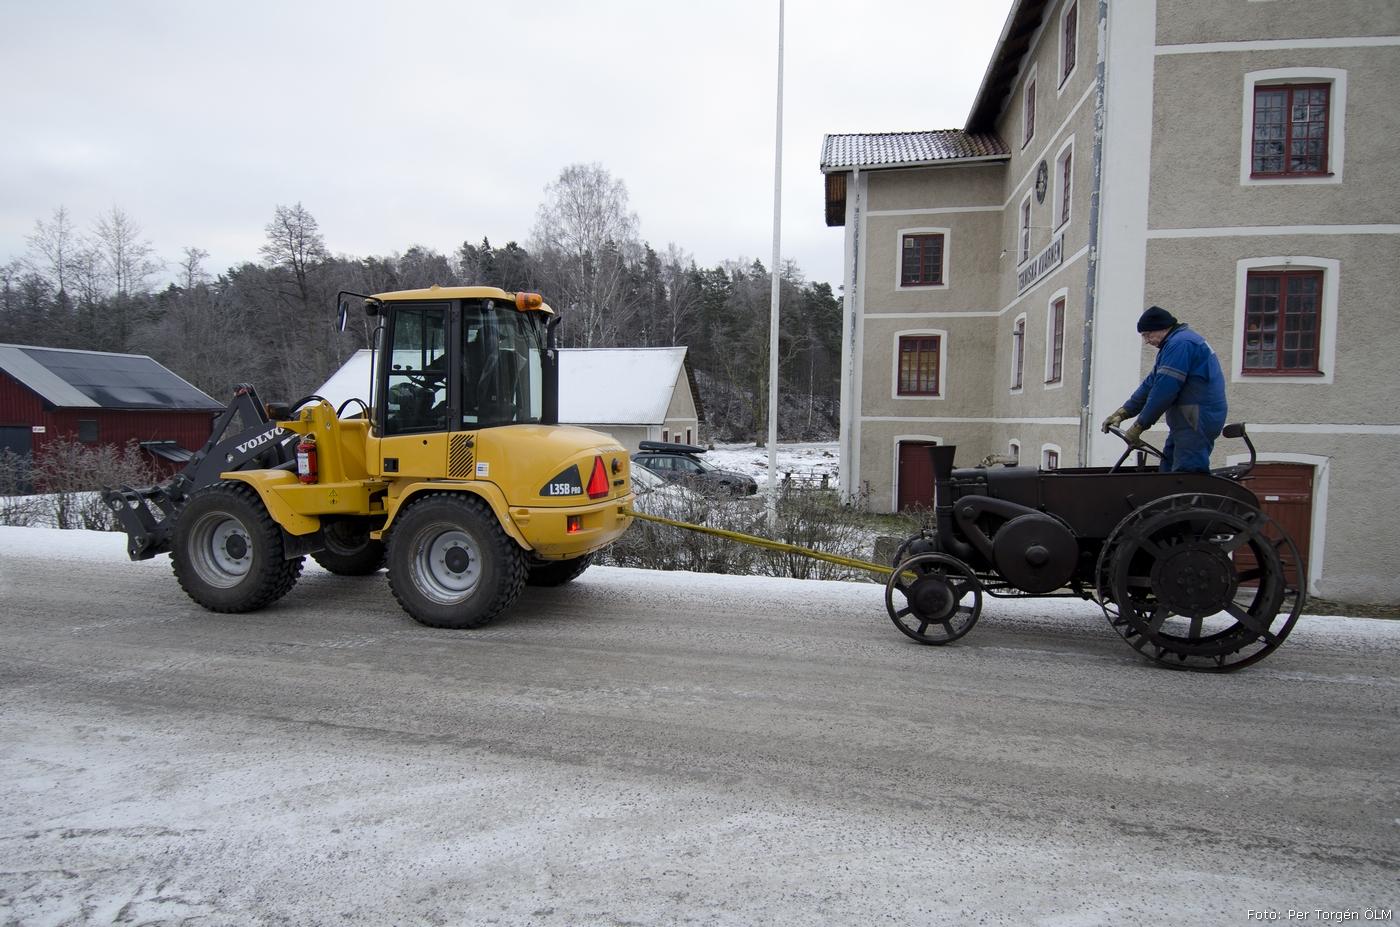 2012-02-10_042_Tekniska_kvarnen